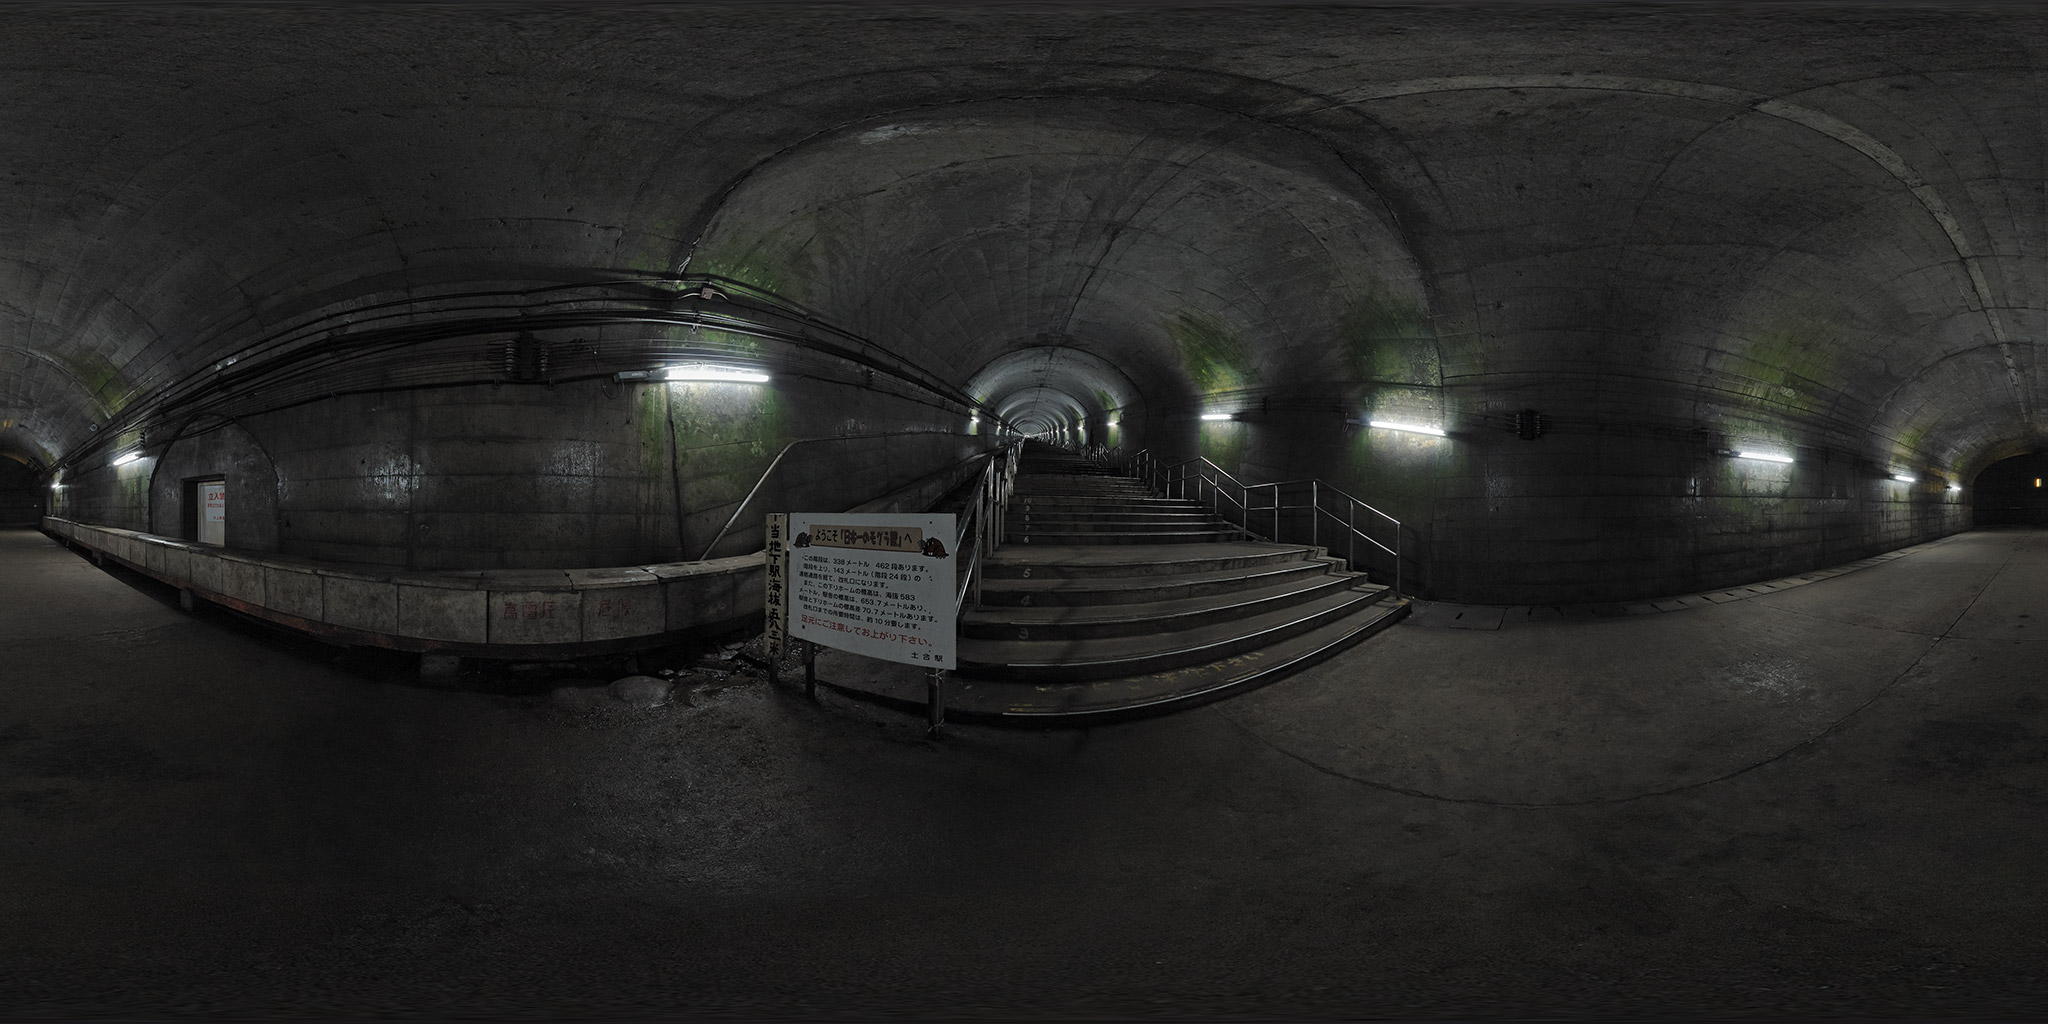 土合駅階段下